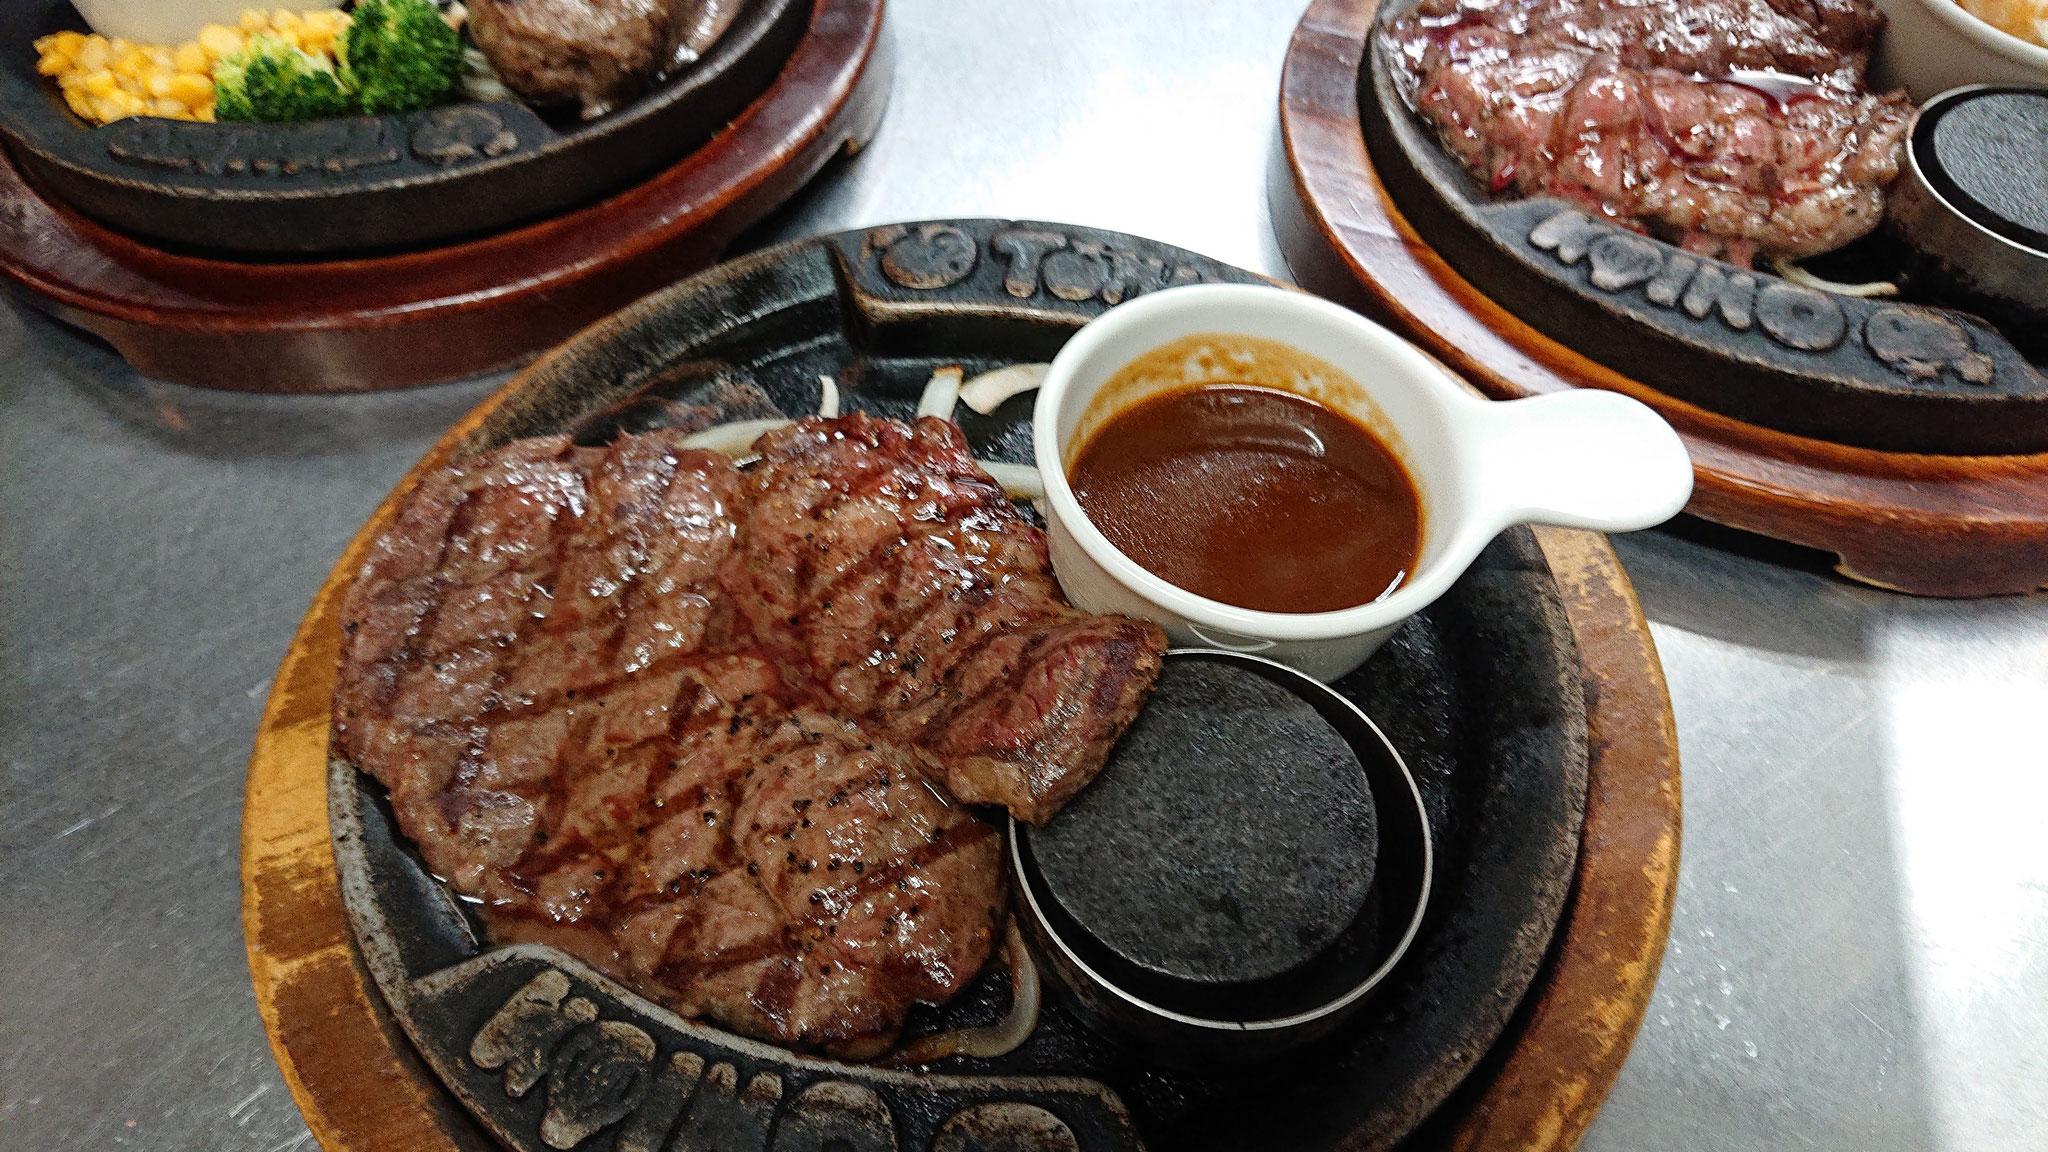 ステーキで断トツ人気の『大判赤身ステーキ』やわらくて美味しい!